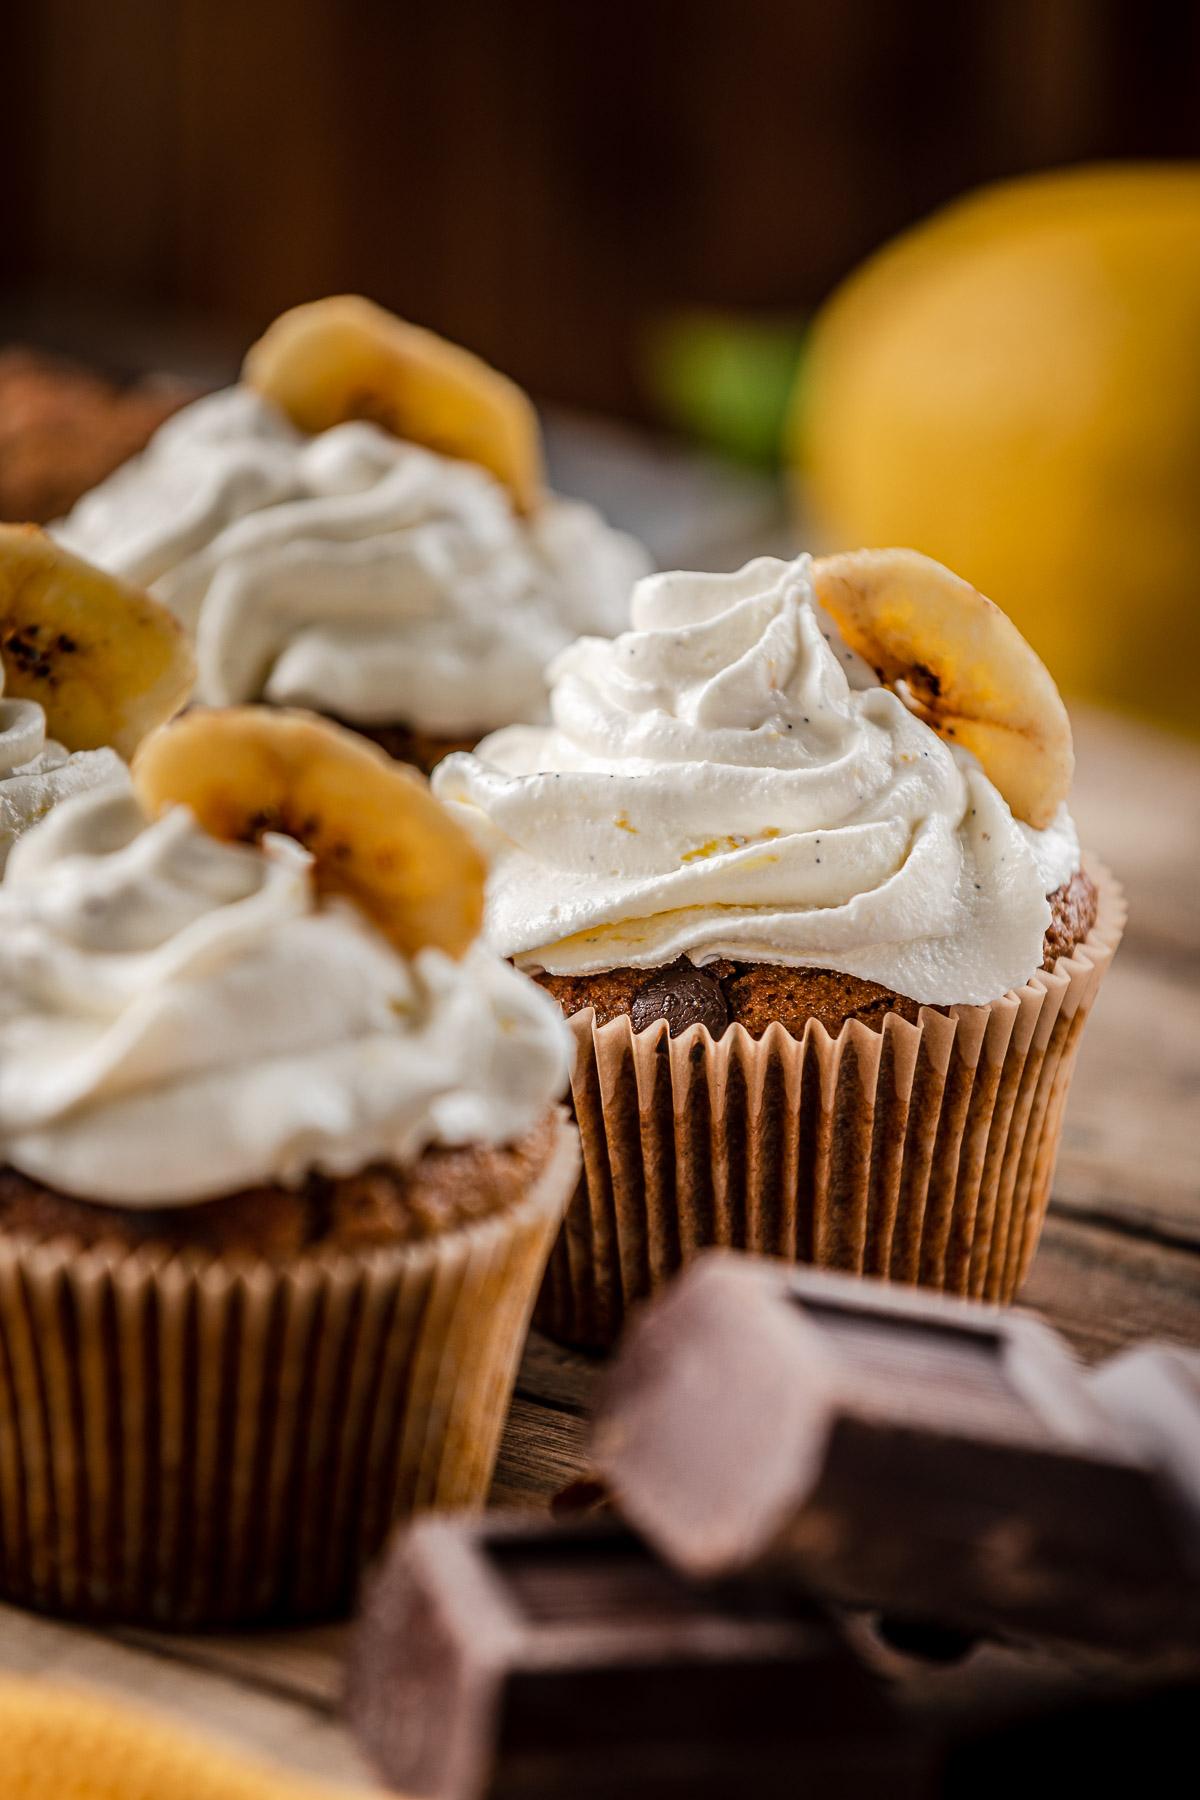 Healthy Chocolate chip gluten-free VEGAN BANANA CUPCAKES CUPCAKES VEGAN alla BANANA senza glutine con cioccolato